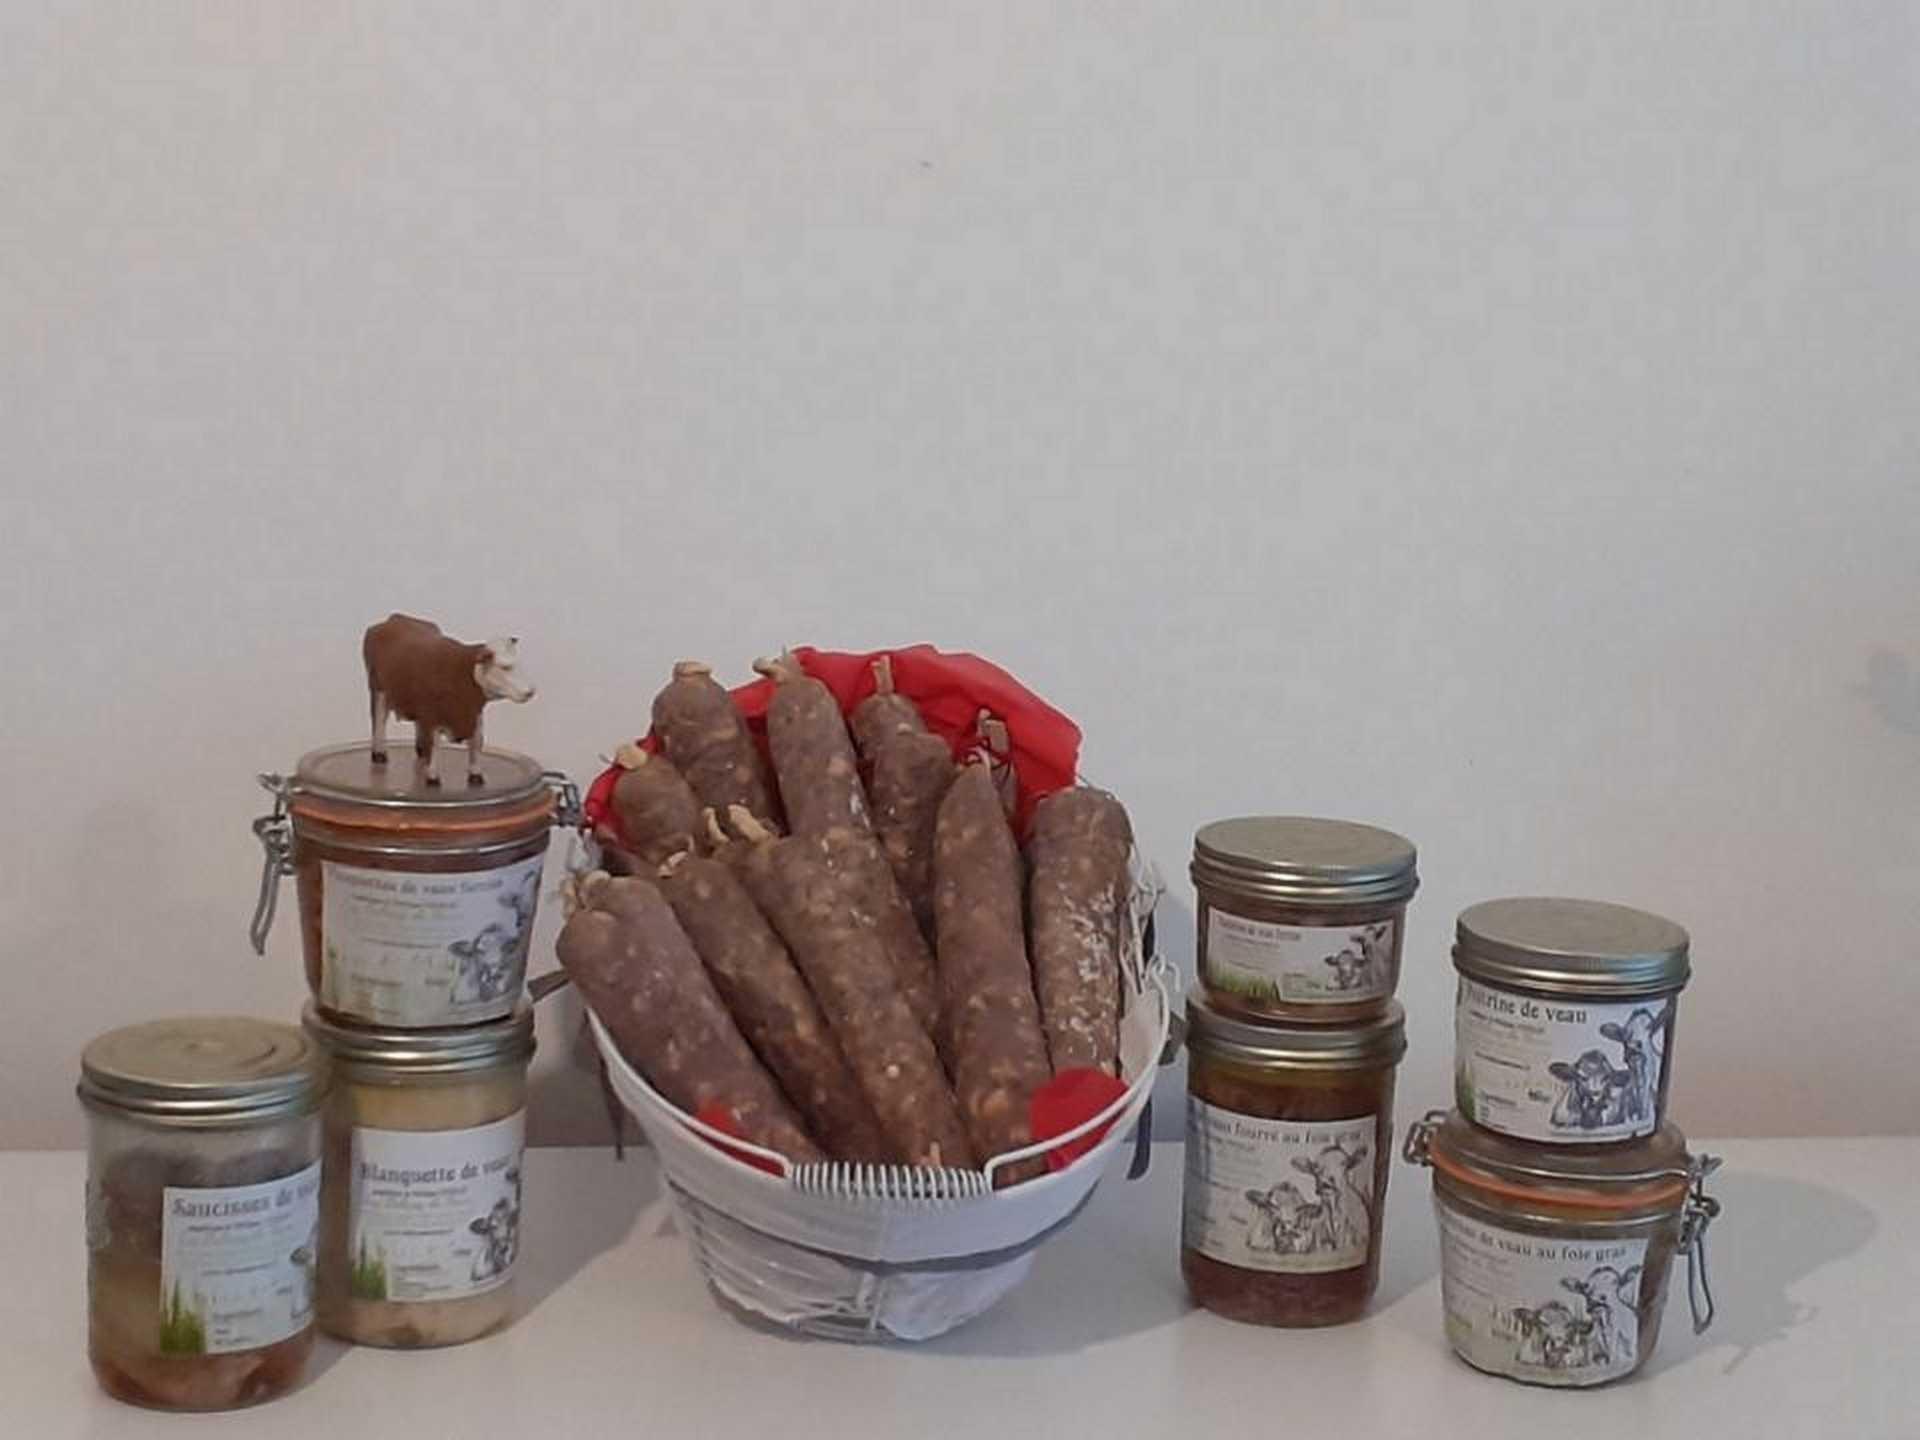 Rendez-vous à la ferme : Les P'tits cuisinés de Castillon - CASTILLON (CANTON D'ARTHEZ-DE-BEARN)